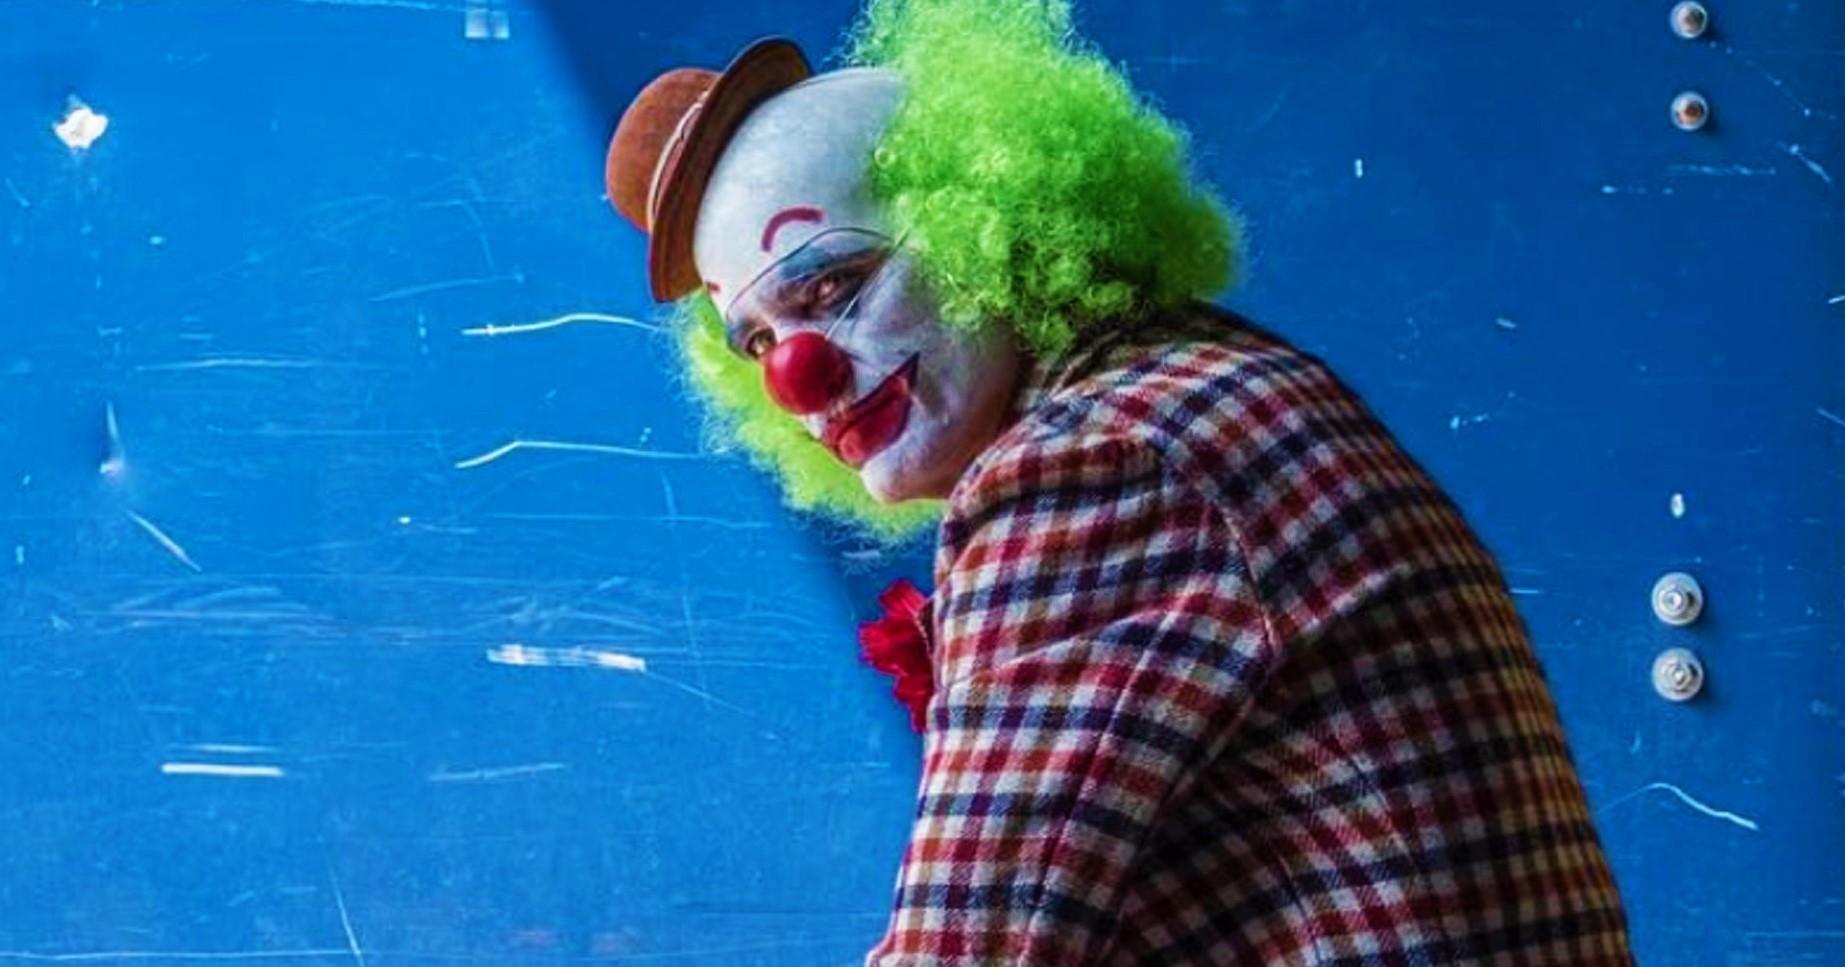 Завершились съёмки «Джокера» с Хоакином Фениксом